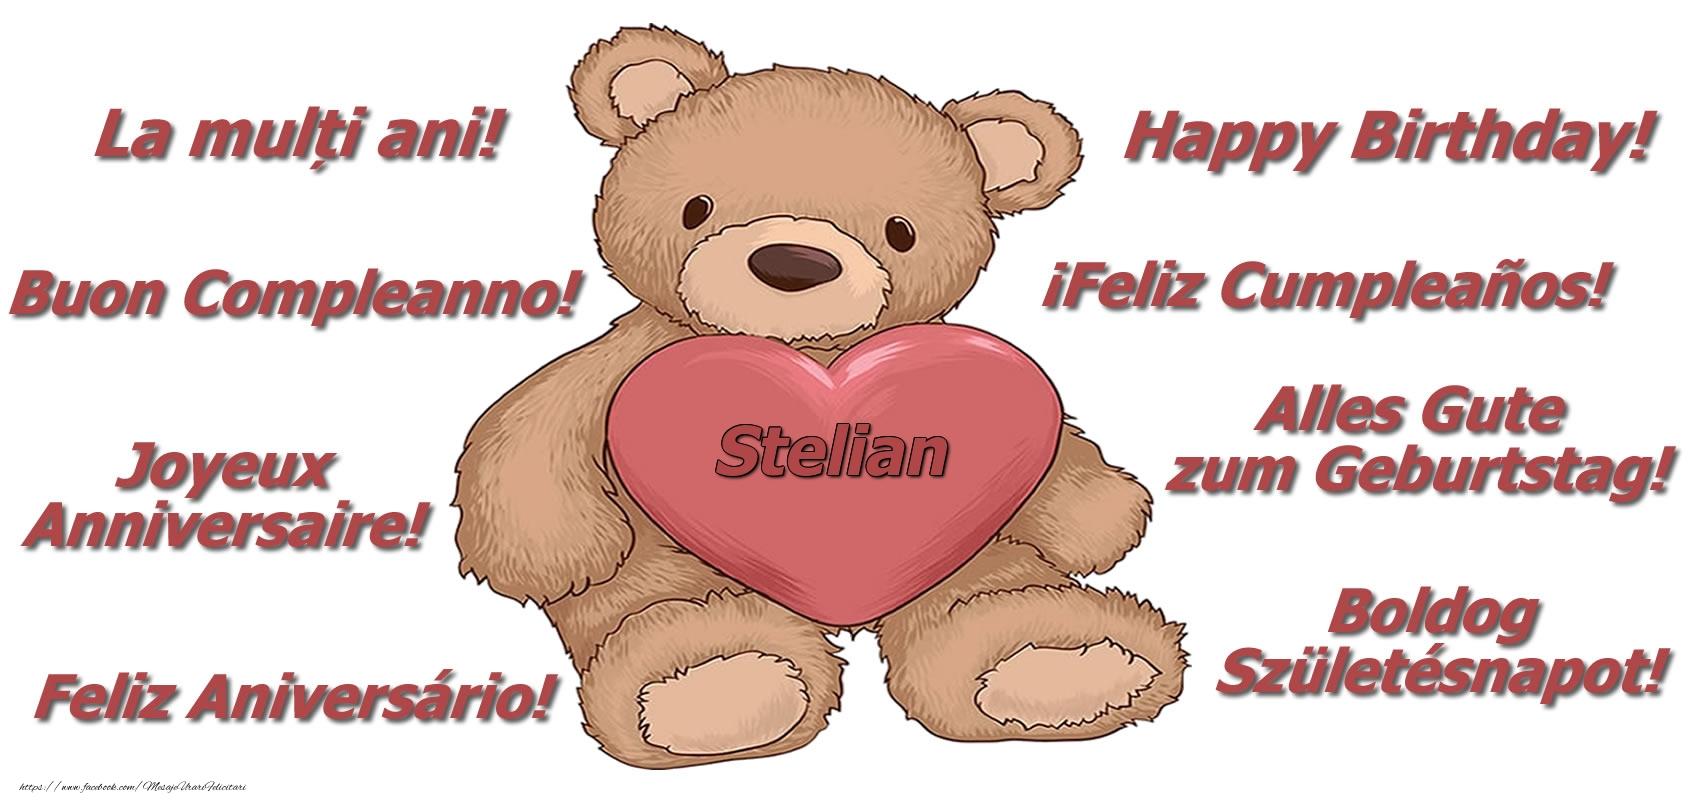 Felicitari de zi de nastere - La multi ani Stelian! - Ursulet